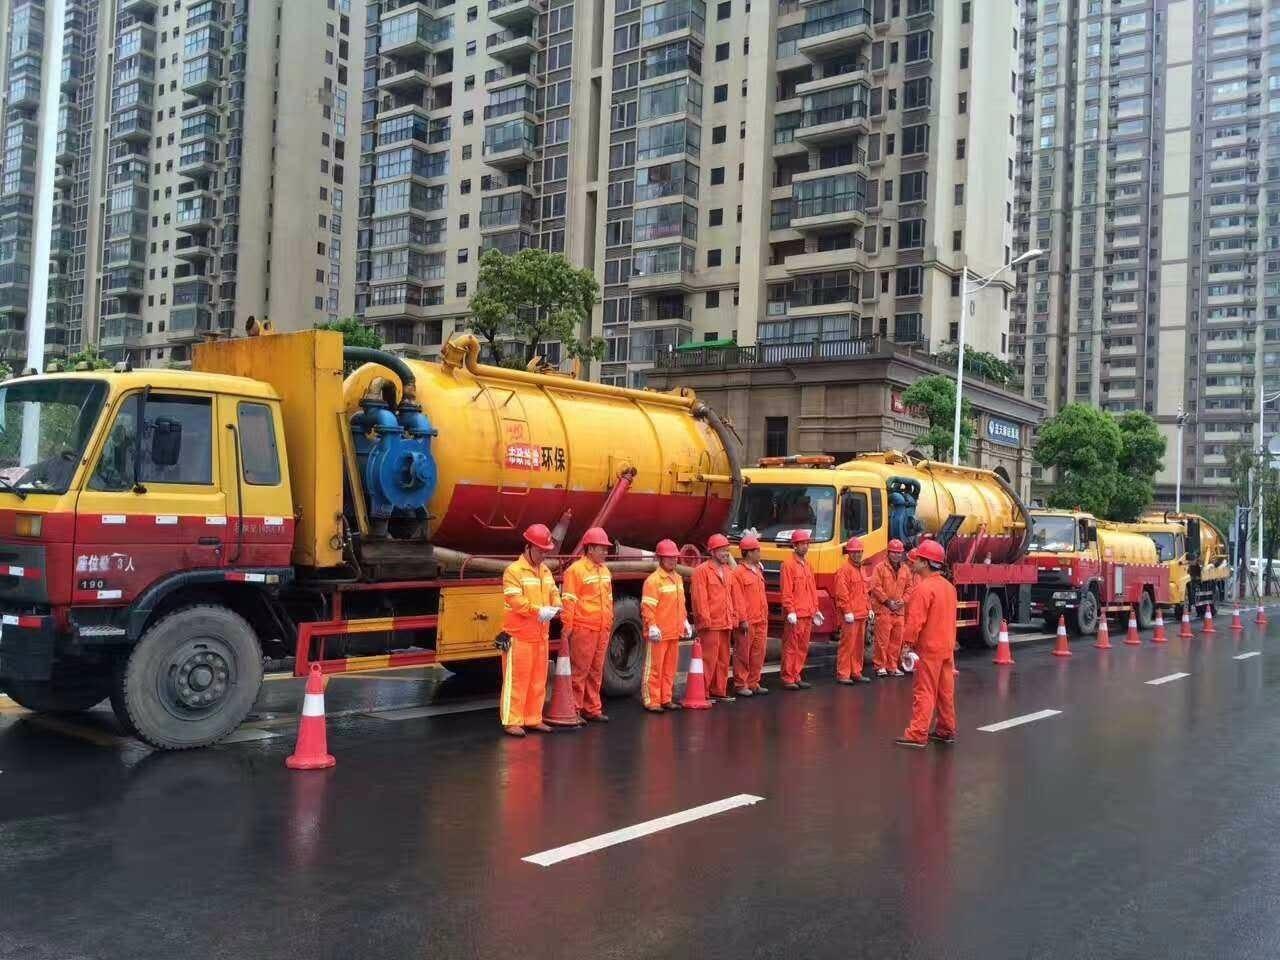 雨季务必做好雨污管道排污清理